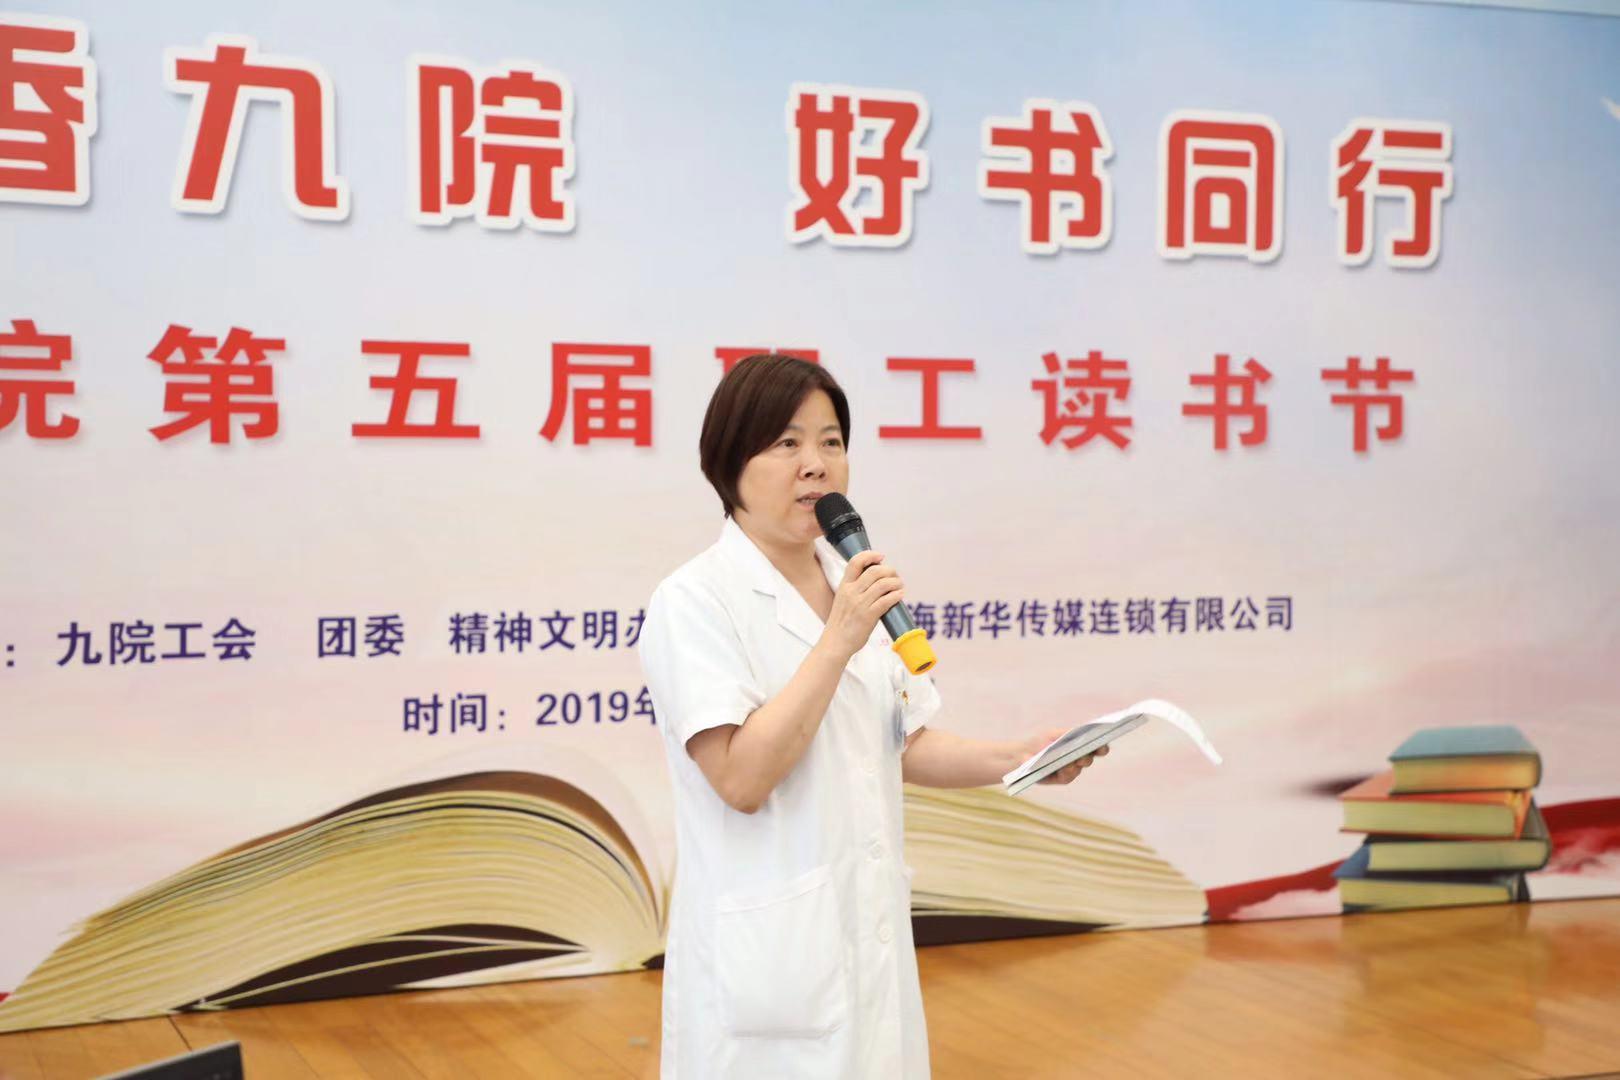 医者仁心,书香随行——沪上医院携手新华传媒开展职工读书节活动